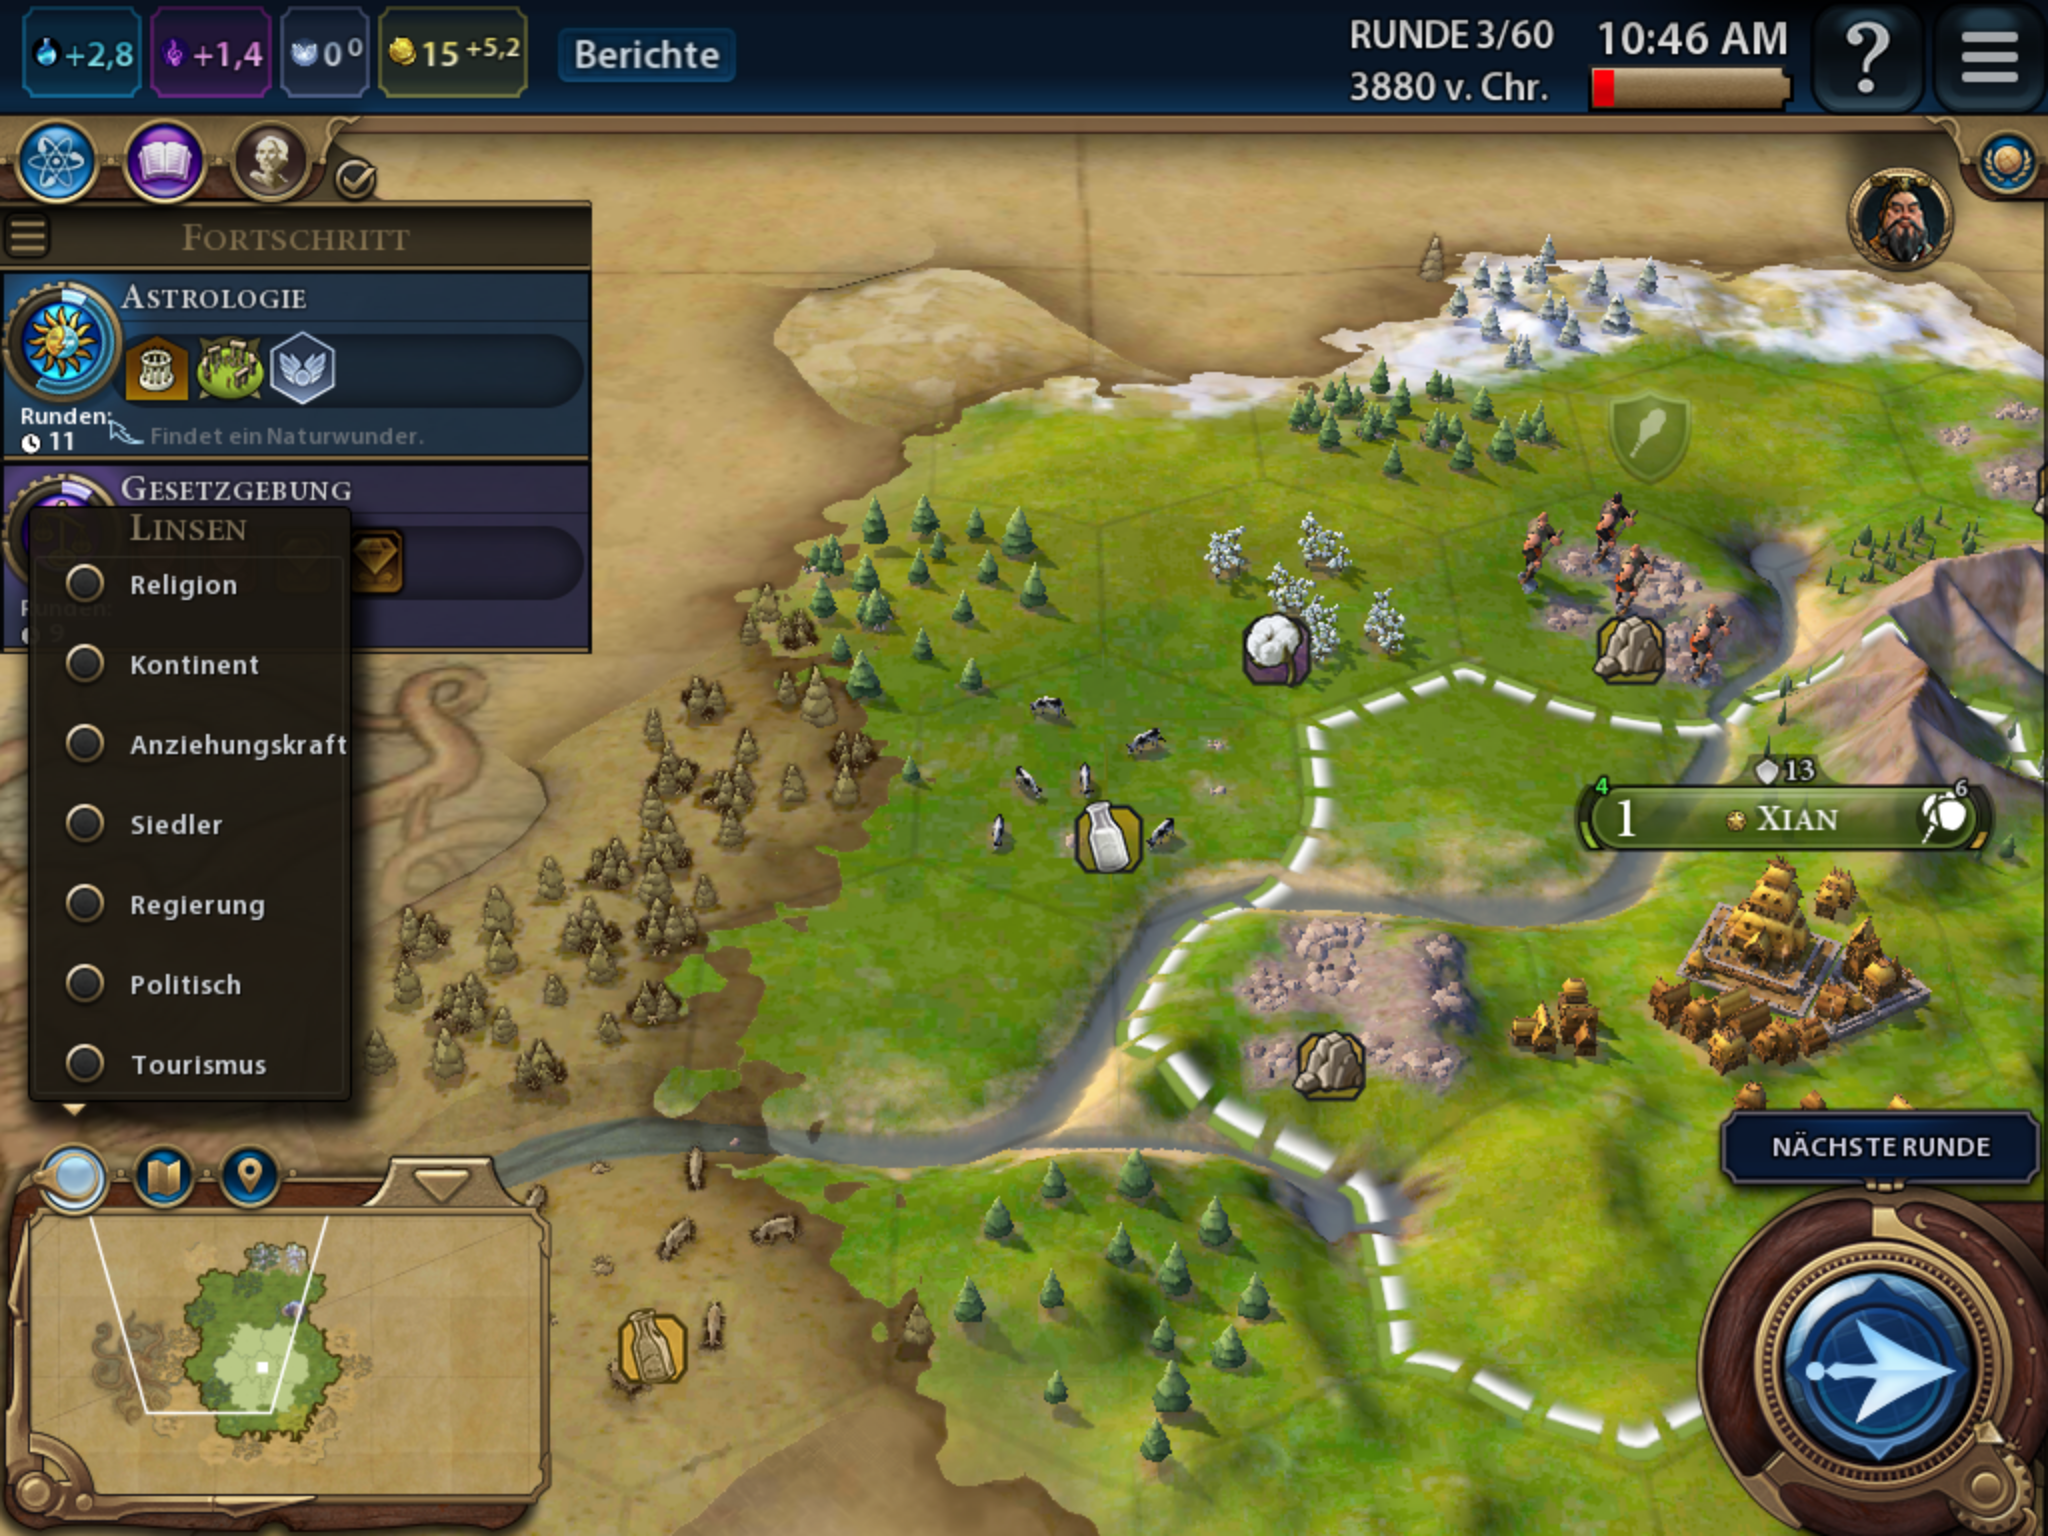 Civilization 6 auf iPad angespielt: Rundenbasierte Spieltiefe erobert Flachdisplay - Am Bildschirmrand gibt es eine Akkuanzeige. (Bild: 2K Games/Screenshot: Golem.de)